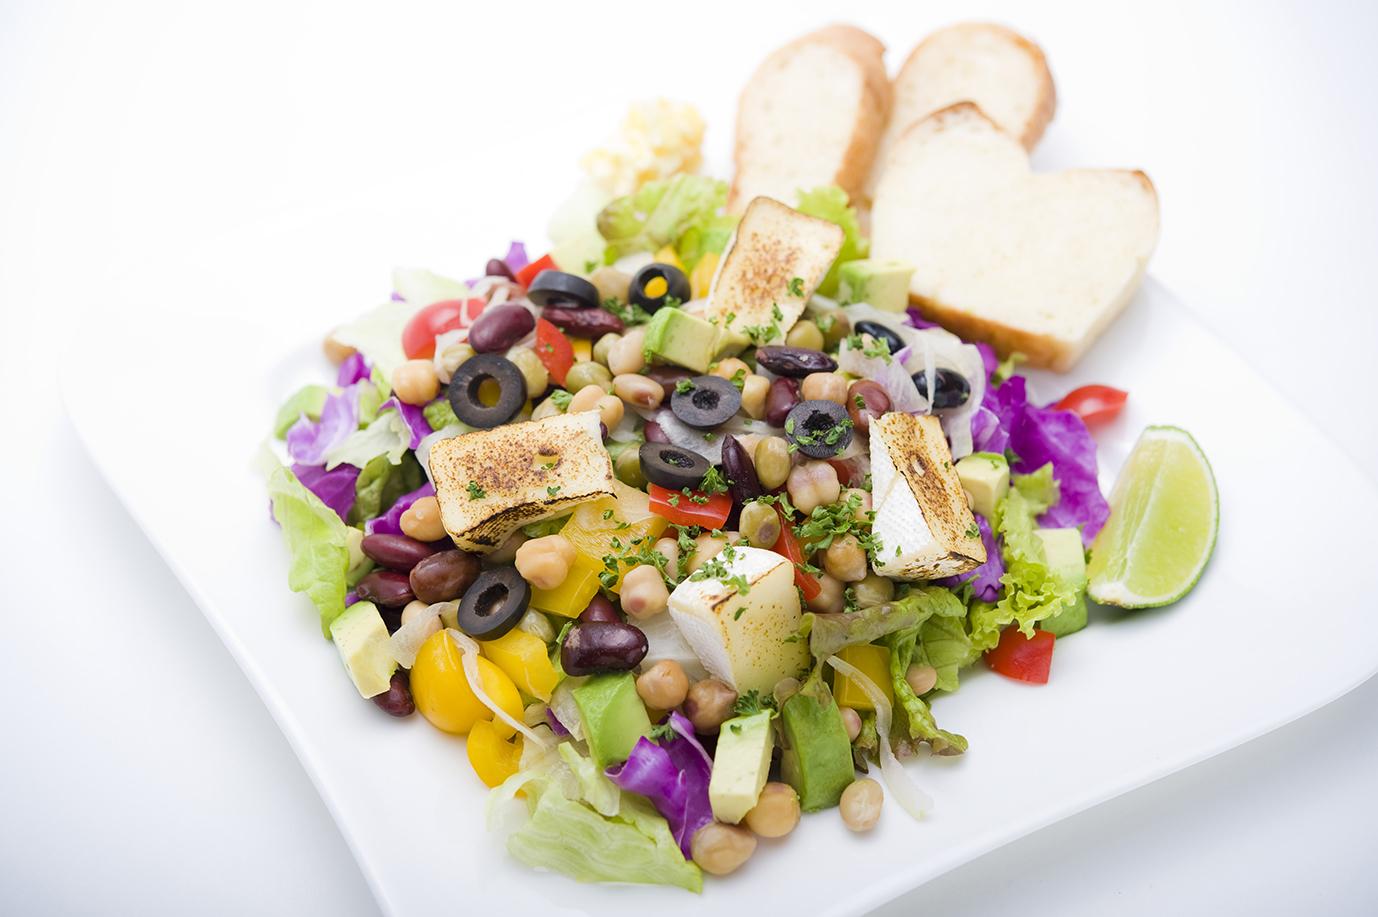 ビーンズサラダ 焼きカマンベールチーズのせ Beans Salad with heated camembert cheese